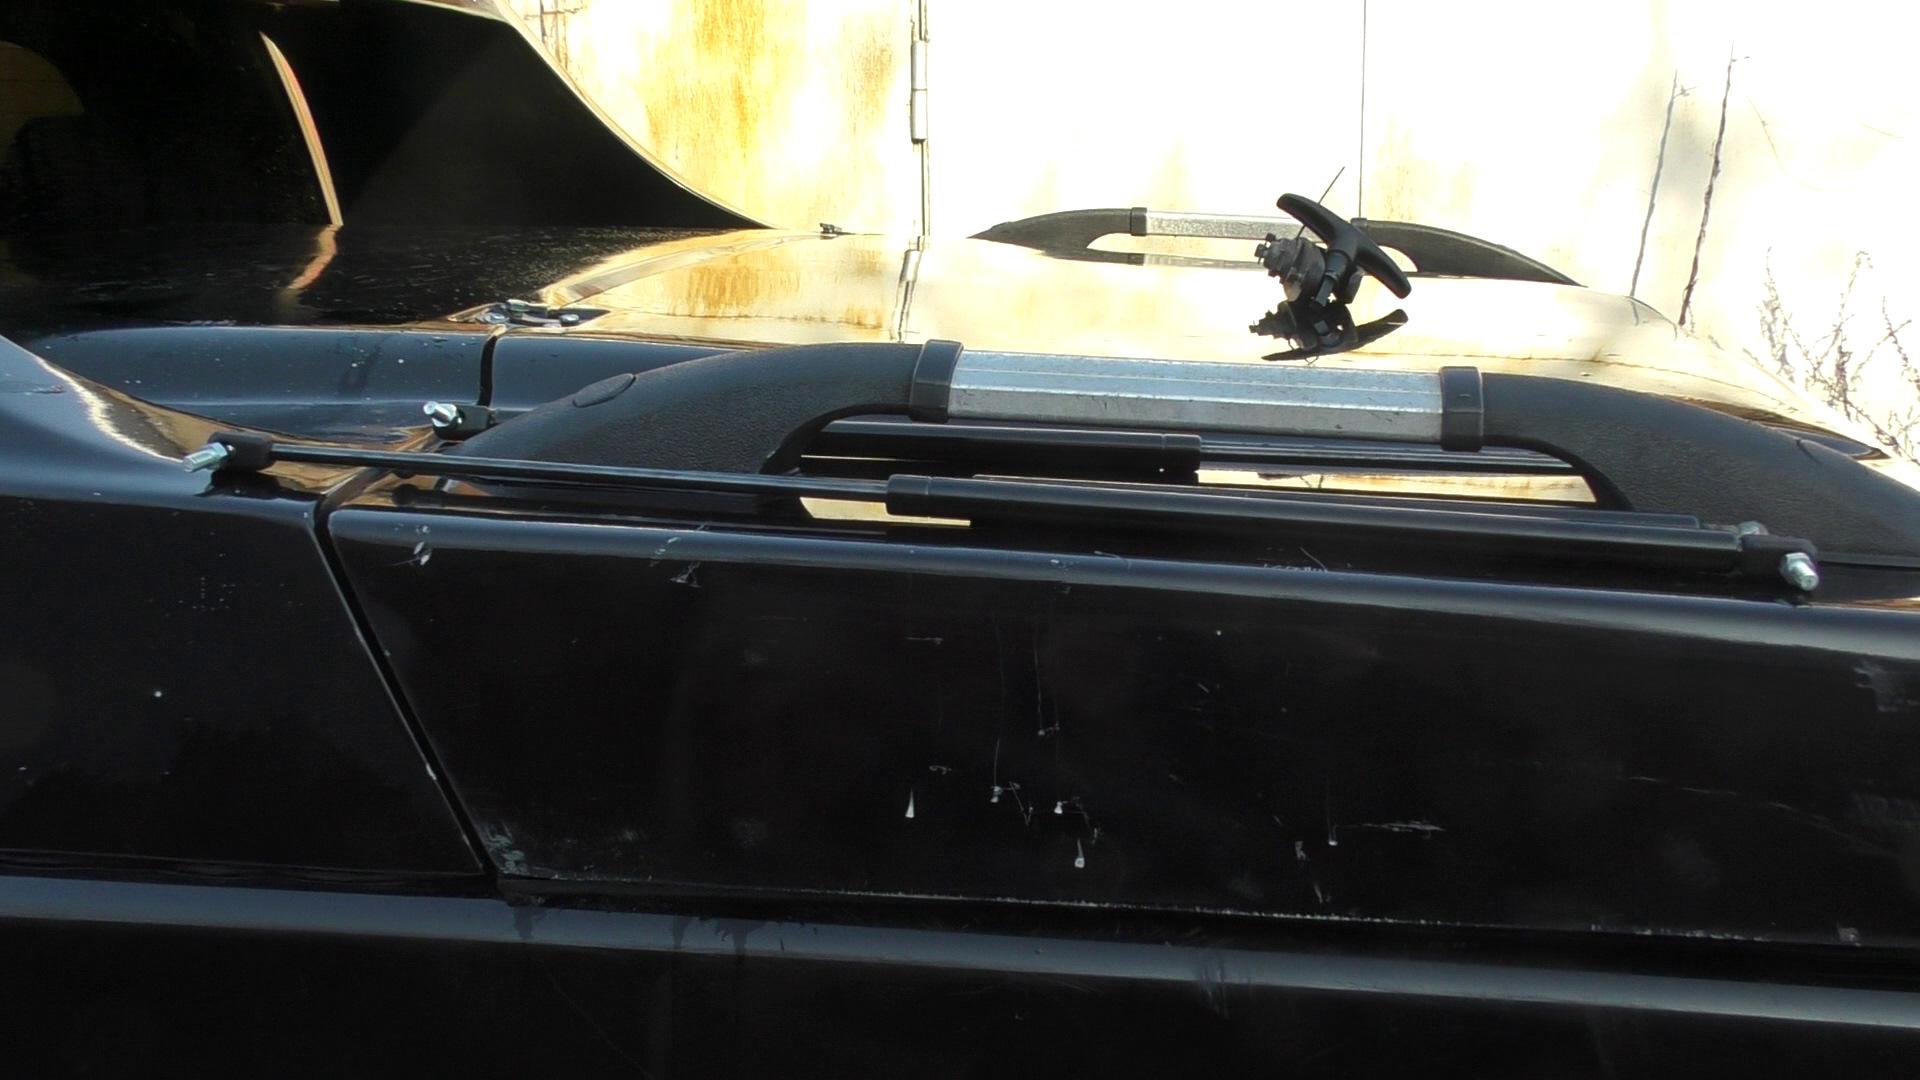 Купил пару амортизаторов от ГАЗ 2217 Соболь. Оказались пипец тугие. В итоги оставил только один, потому что два я не мог сложить даже повиснув своим не малым весом на крышке. Потом подберу что то полегче. Пока пусть будет один. Держит он железно